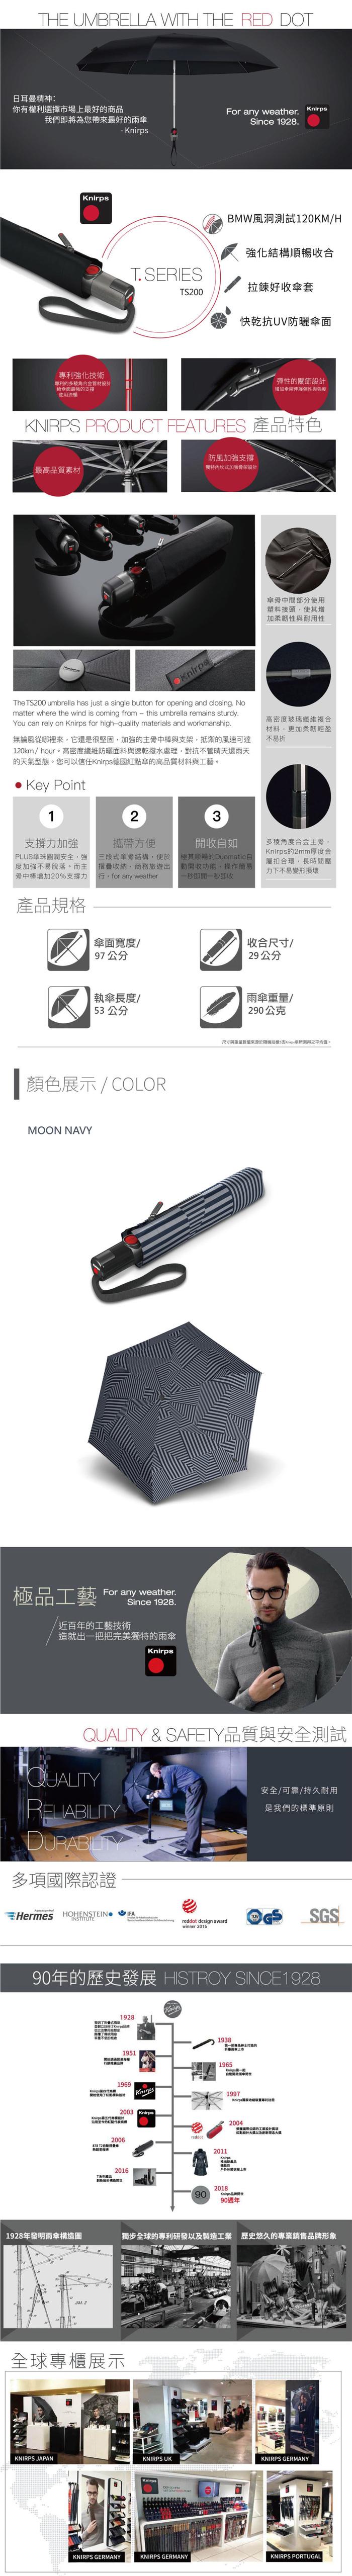 (複製)Knirps®德國紅點傘|TS.200 輕薄自動開收傘-Moon Black